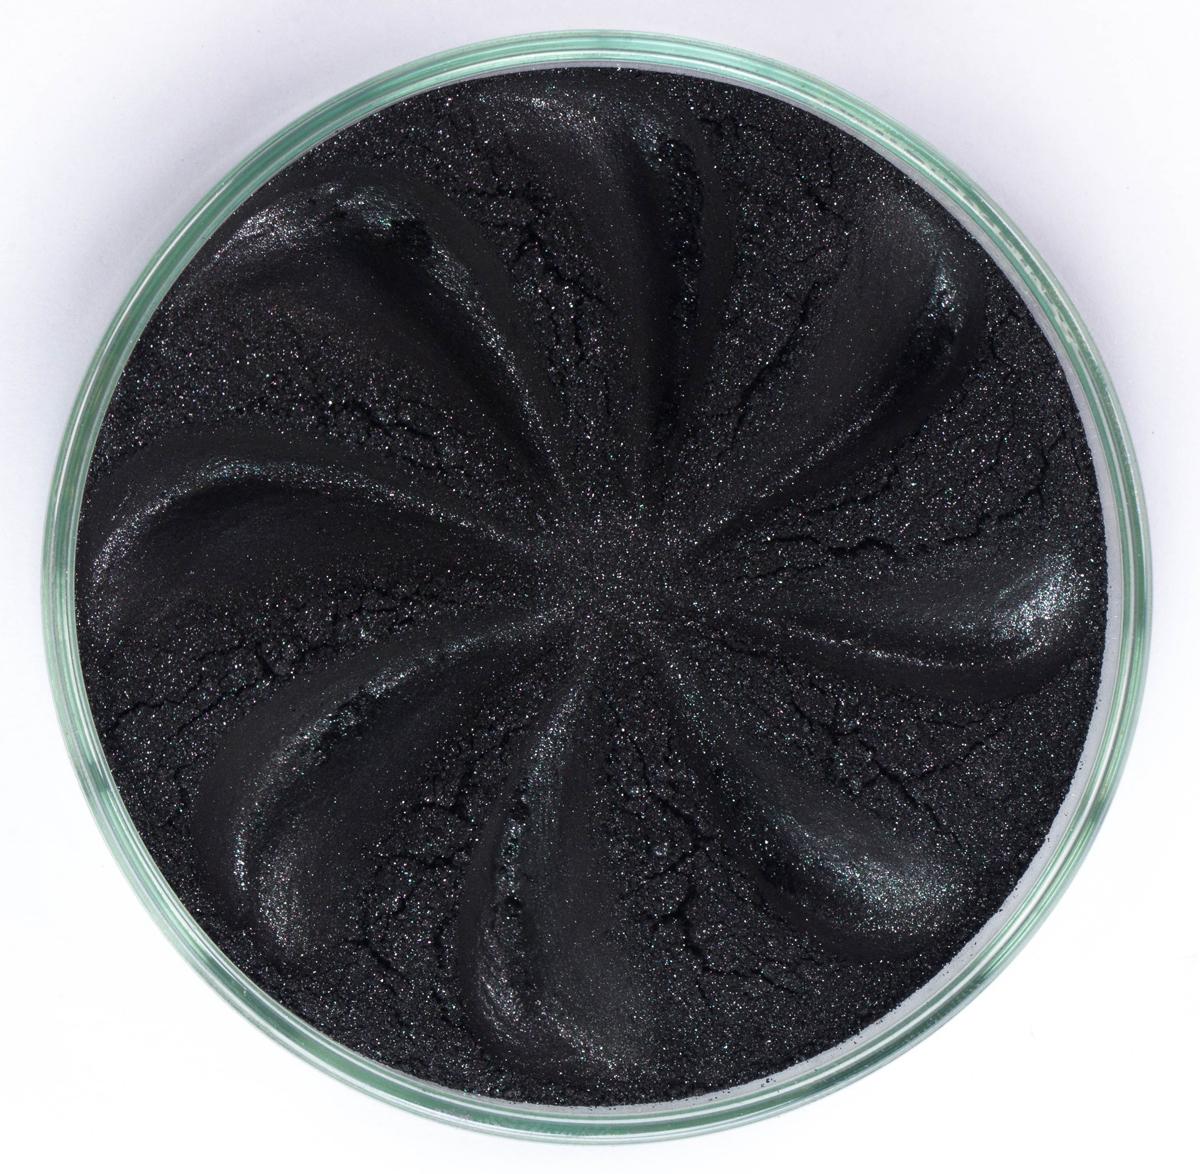 Era Minerals Минеральные Тени для век Jewel тон J35 (сияющий черный), 4 мл1301210Тени для век Jewel обеспечивают комплексное покрытие, своим сиянием напоминающее как глубину, так и лучезарный блеск драгоценного камня. Текстура теней содержит в себе цвет-основу с содержанием крошечных мерцающих частиц, превосходно сочетающихся с основным цветом.Сильные и яркие минеральные пигментыМожно наносить как влажным, так и сухим способомБез отдушек и содержания масел, для всех типов кожиДерматологически протестировано, не аллергенноНе тестировано на животныхВес нетто 1г (стандартный размер)